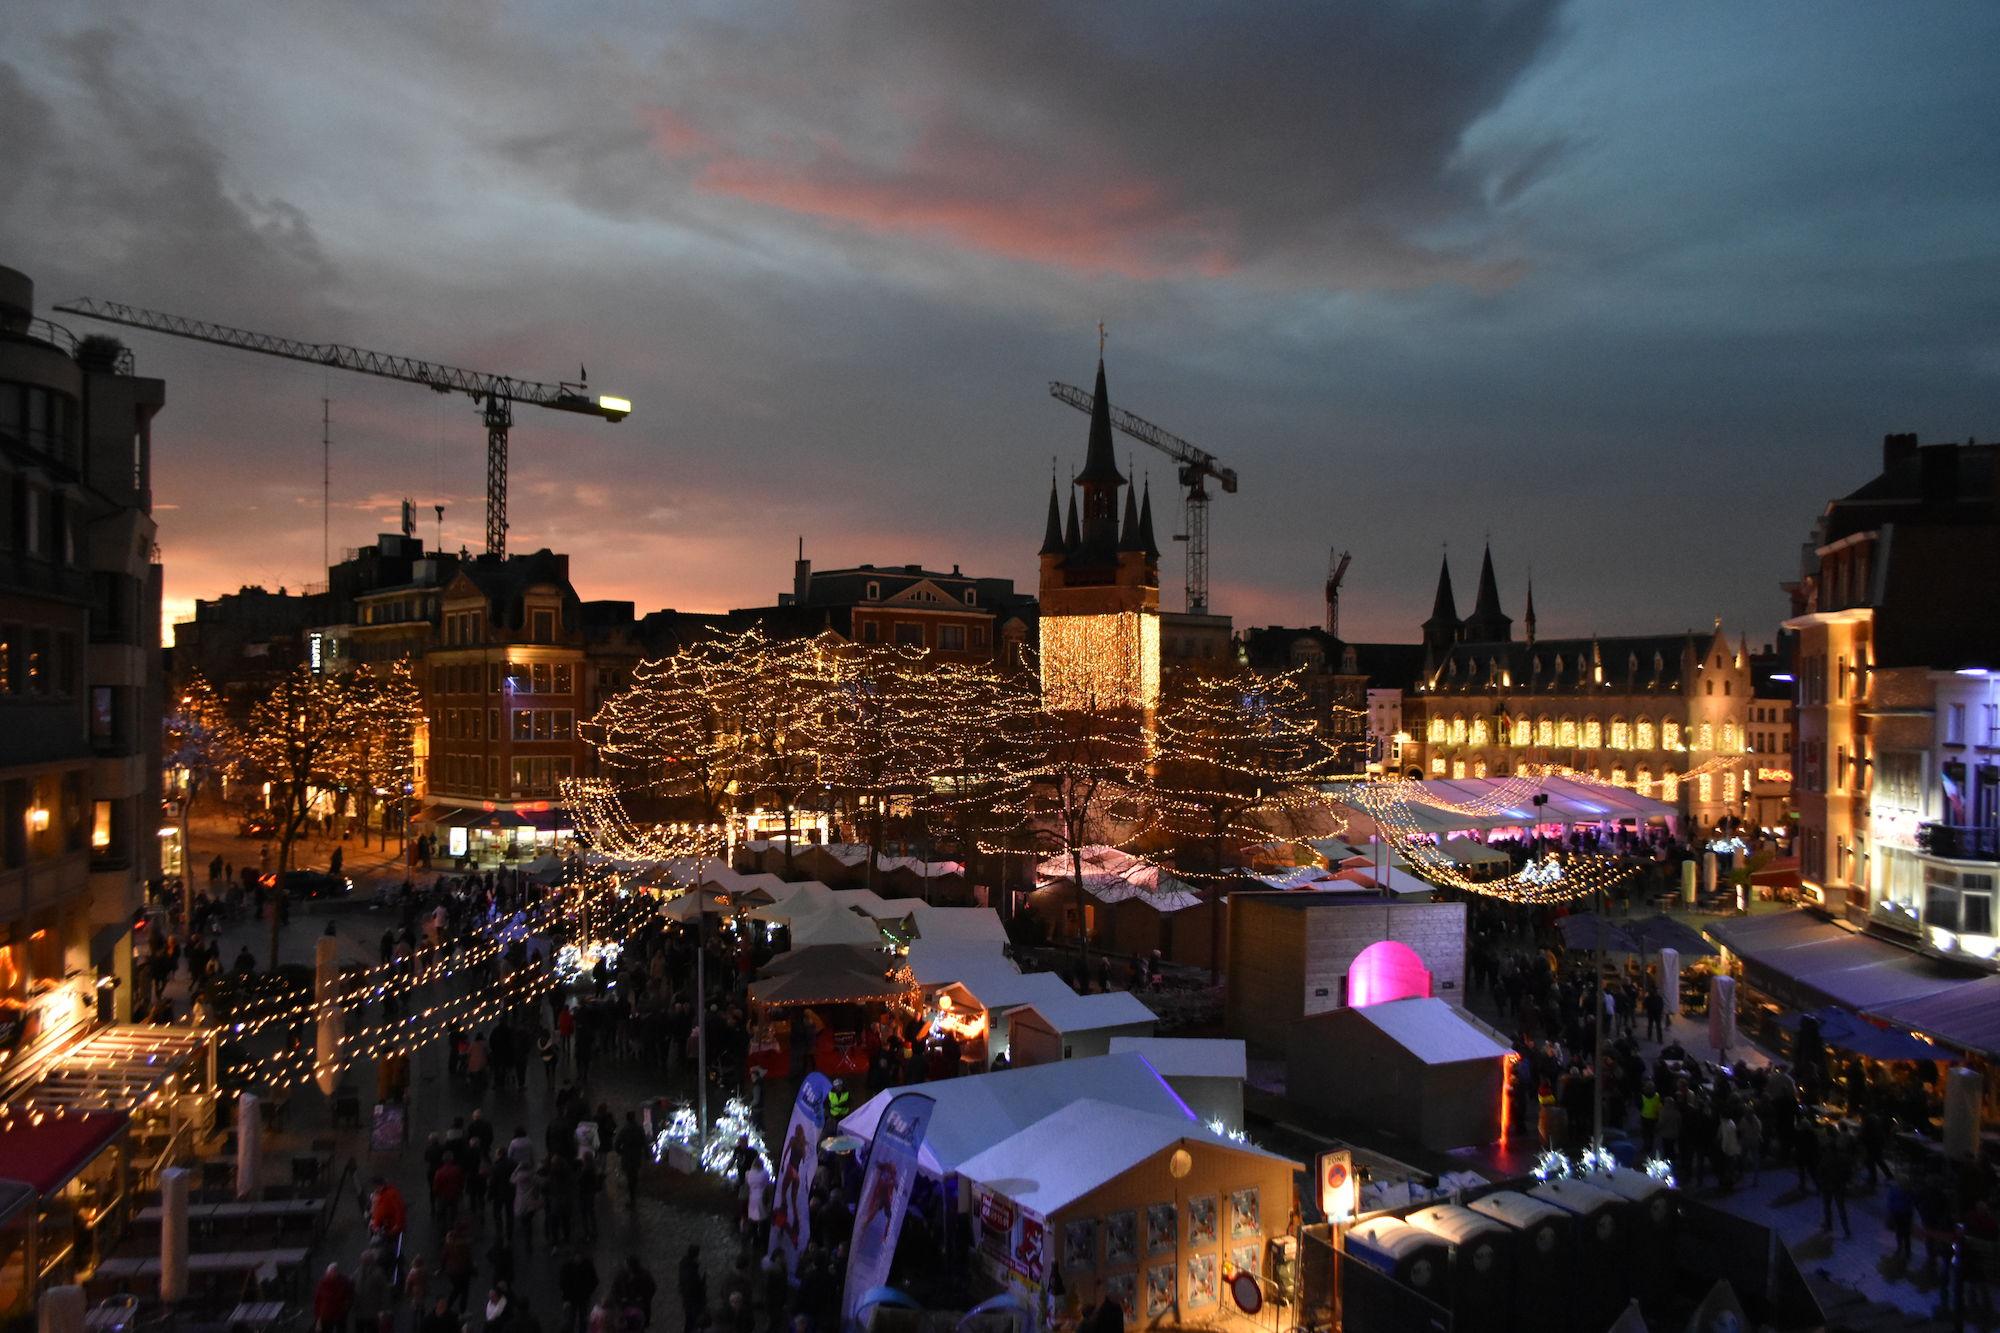 Grote Markt in kerstsfeer